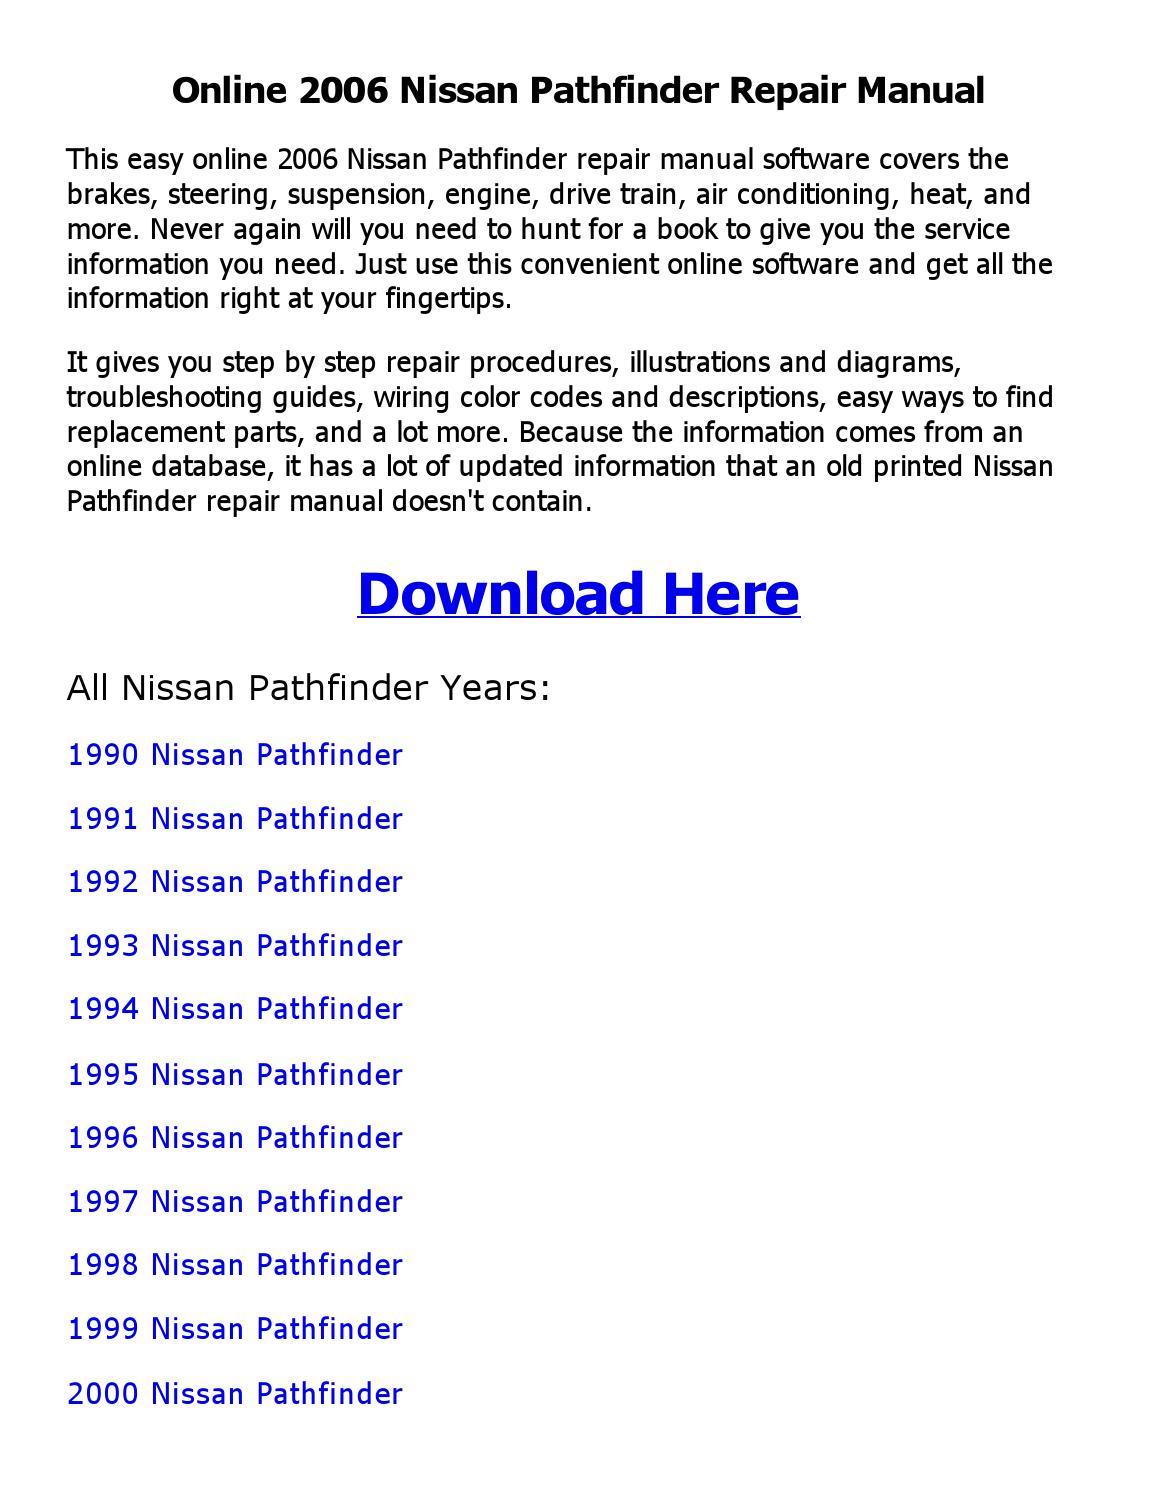 2006 Nissan Pathfinder Repair Manual Online By Coollang Issuu 1994 Engine Diagram